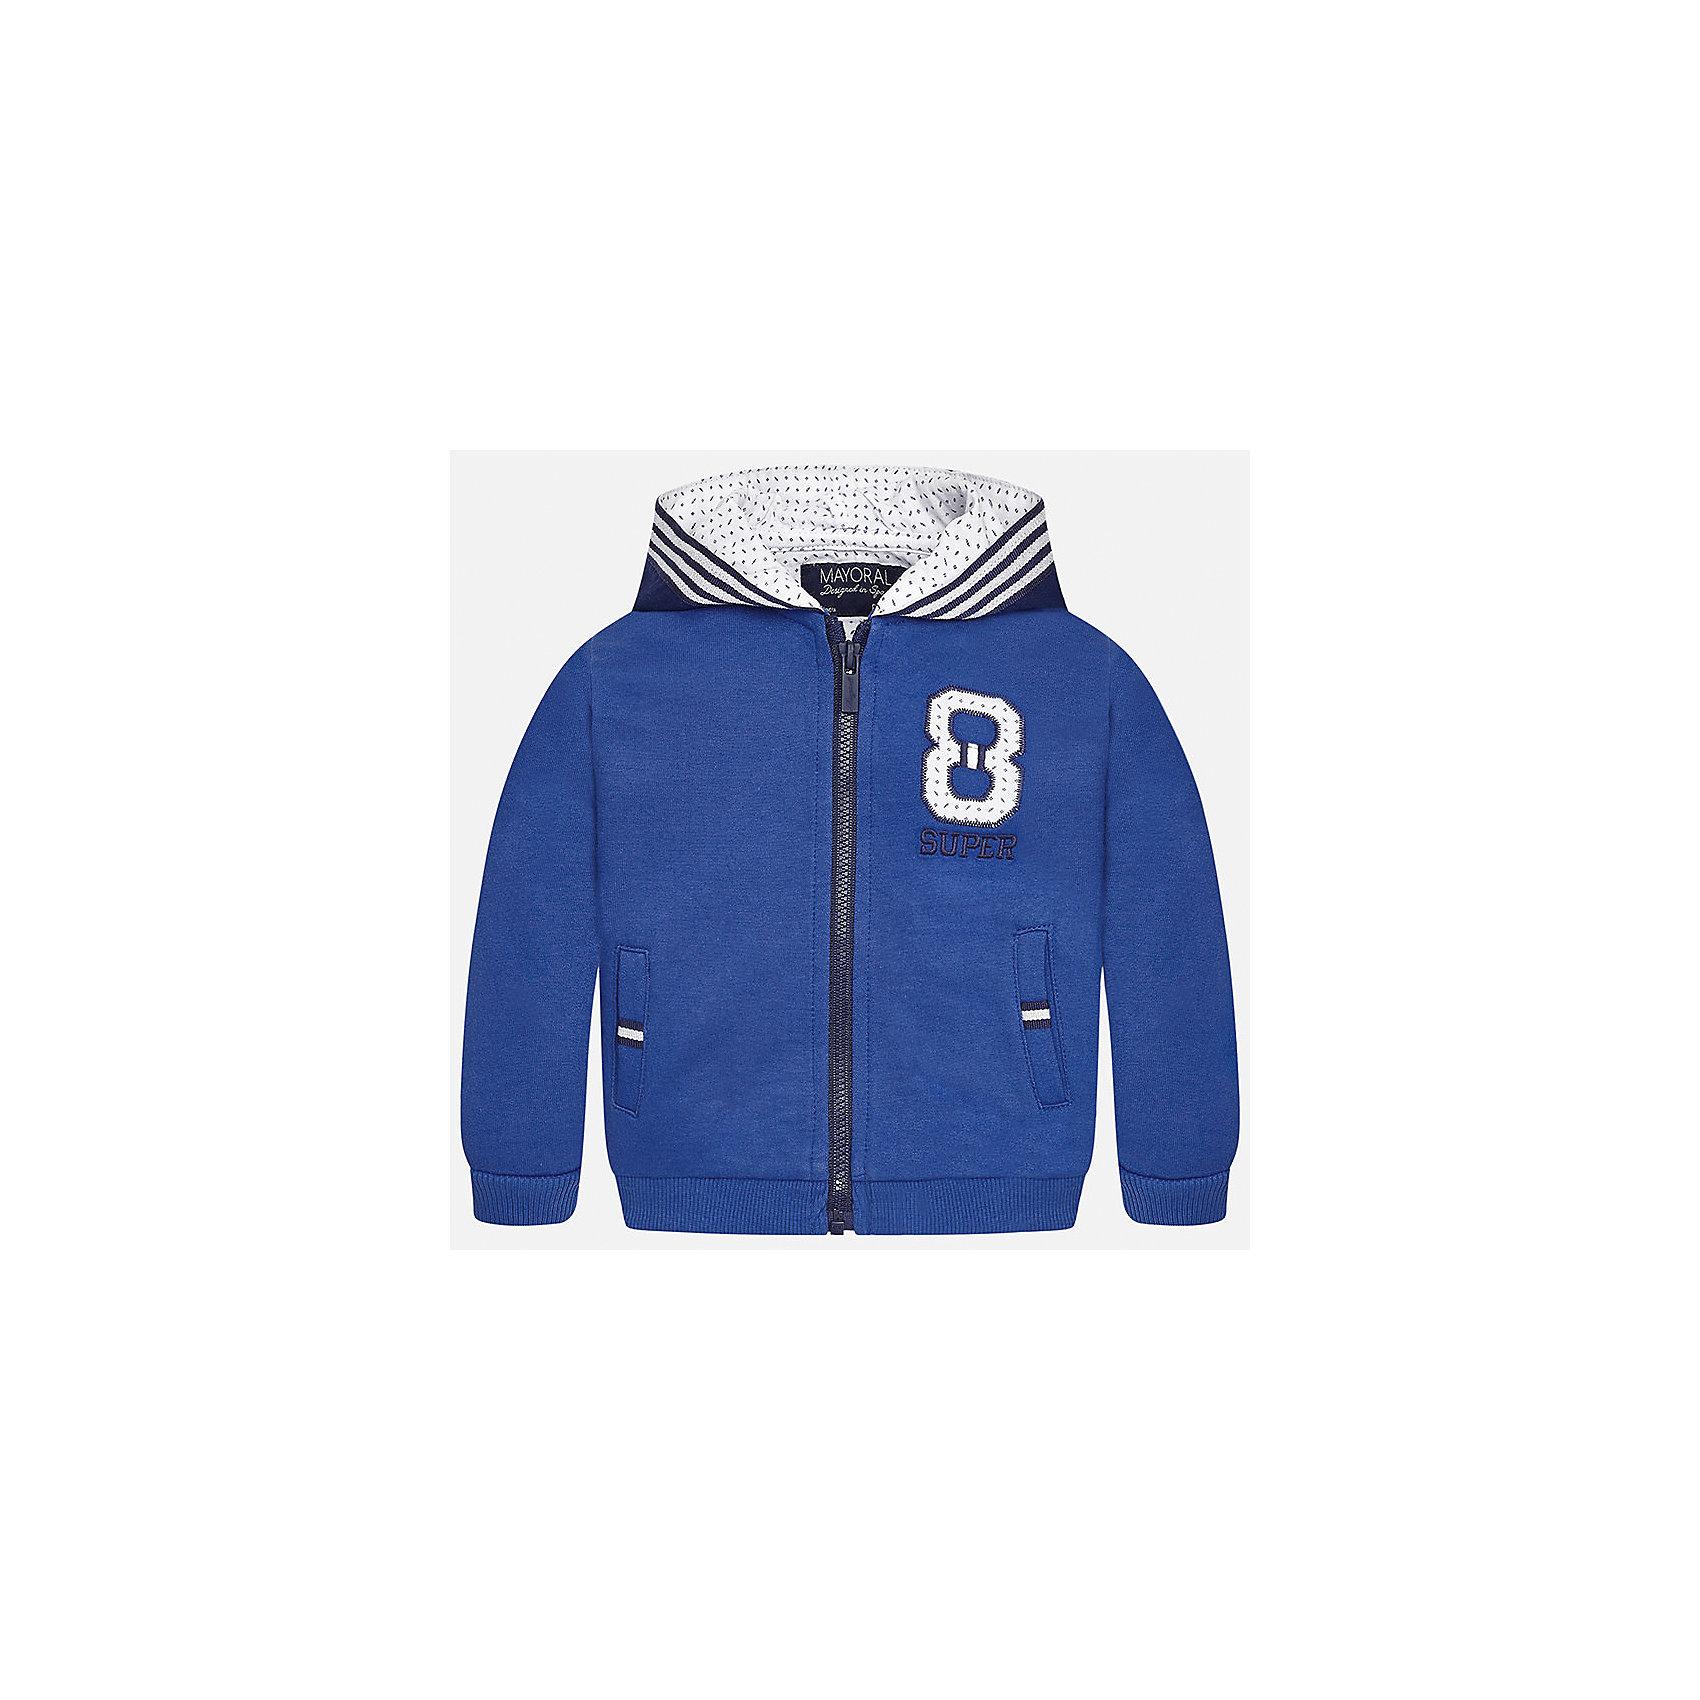 Толстовка для мальчика MayoralТолстовки<br>Характеристики товара:<br><br>• цвет: синий<br>• состав: 100% хлопок<br>• рукава длинные <br>• карманы<br>• молния<br>• капюшон<br>• страна бренда: Испания<br><br>Удобная модная куртка для мальчика поможет разнообразить гардероб ребенка и обеспечить тепло. Она отлично сочетается и с джинсами, и с брюками. Универсальный цвет позволяет подобрать к вещи низ различных расцветок. Интересная отделка модели делает её нарядной и оригинальной. В составе материала - только натуральный хлопок, гипоаллергенный, приятный на ощупь, дышащий.<br><br>Одежда, обувь и аксессуары от испанского бренда Mayoral полюбились детям и взрослым по всему миру. Модели этой марки - стильные и удобные. Для их производства используются только безопасные, качественные материалы и фурнитура. Порадуйте ребенка модными и красивыми вещами от Mayoral! <br><br>Куртку для мальчика от испанского бренда Mayoral (Майорал) можно купить в нашем интернет-магазине.<br><br>Ширина мм: 356<br>Глубина мм: 10<br>Высота мм: 245<br>Вес г: 519<br>Цвет: голубой<br>Возраст от месяцев: 12<br>Возраст до месяцев: 18<br>Пол: Мужской<br>Возраст: Детский<br>Размер: 86,80,92<br>SKU: 5279584